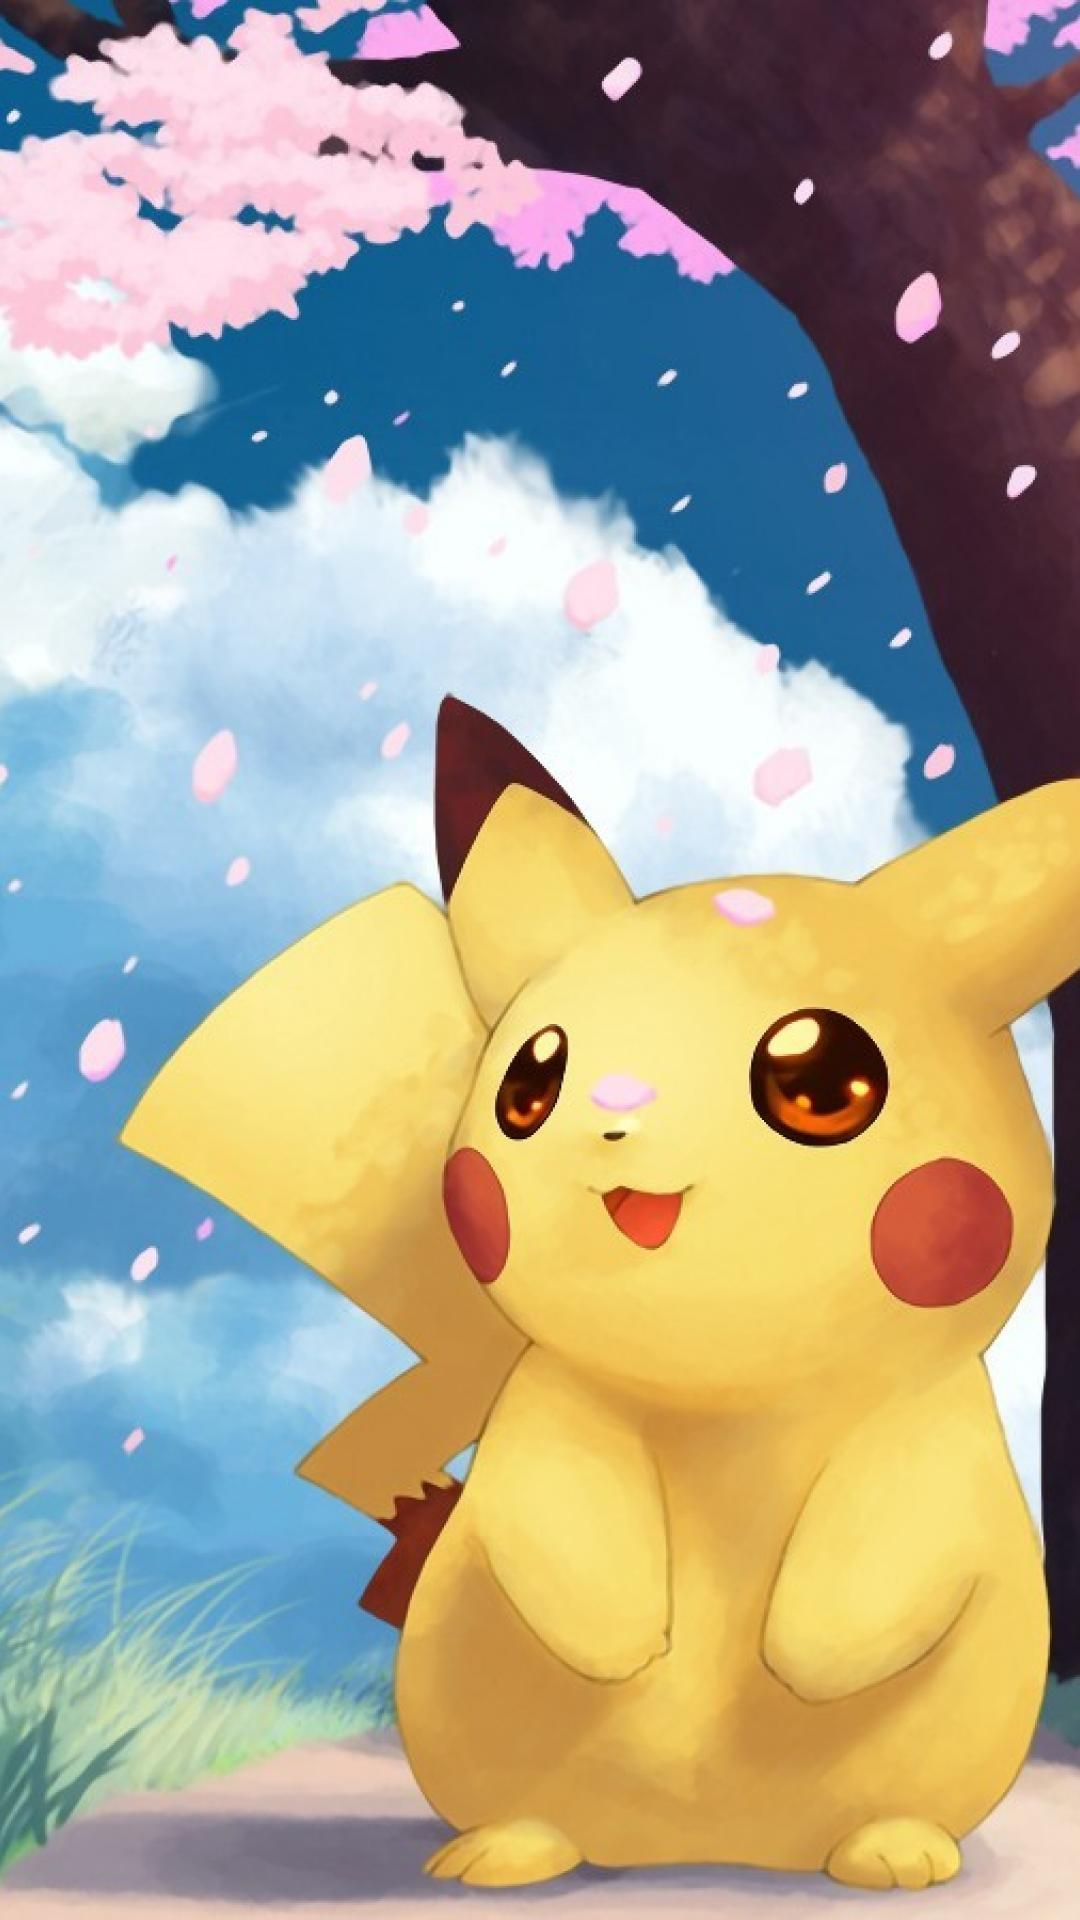 1080x1920 Hình nền pikachu dễ thương.  Theo dõi chúng tôi để biết thêm hình nền Pikachu